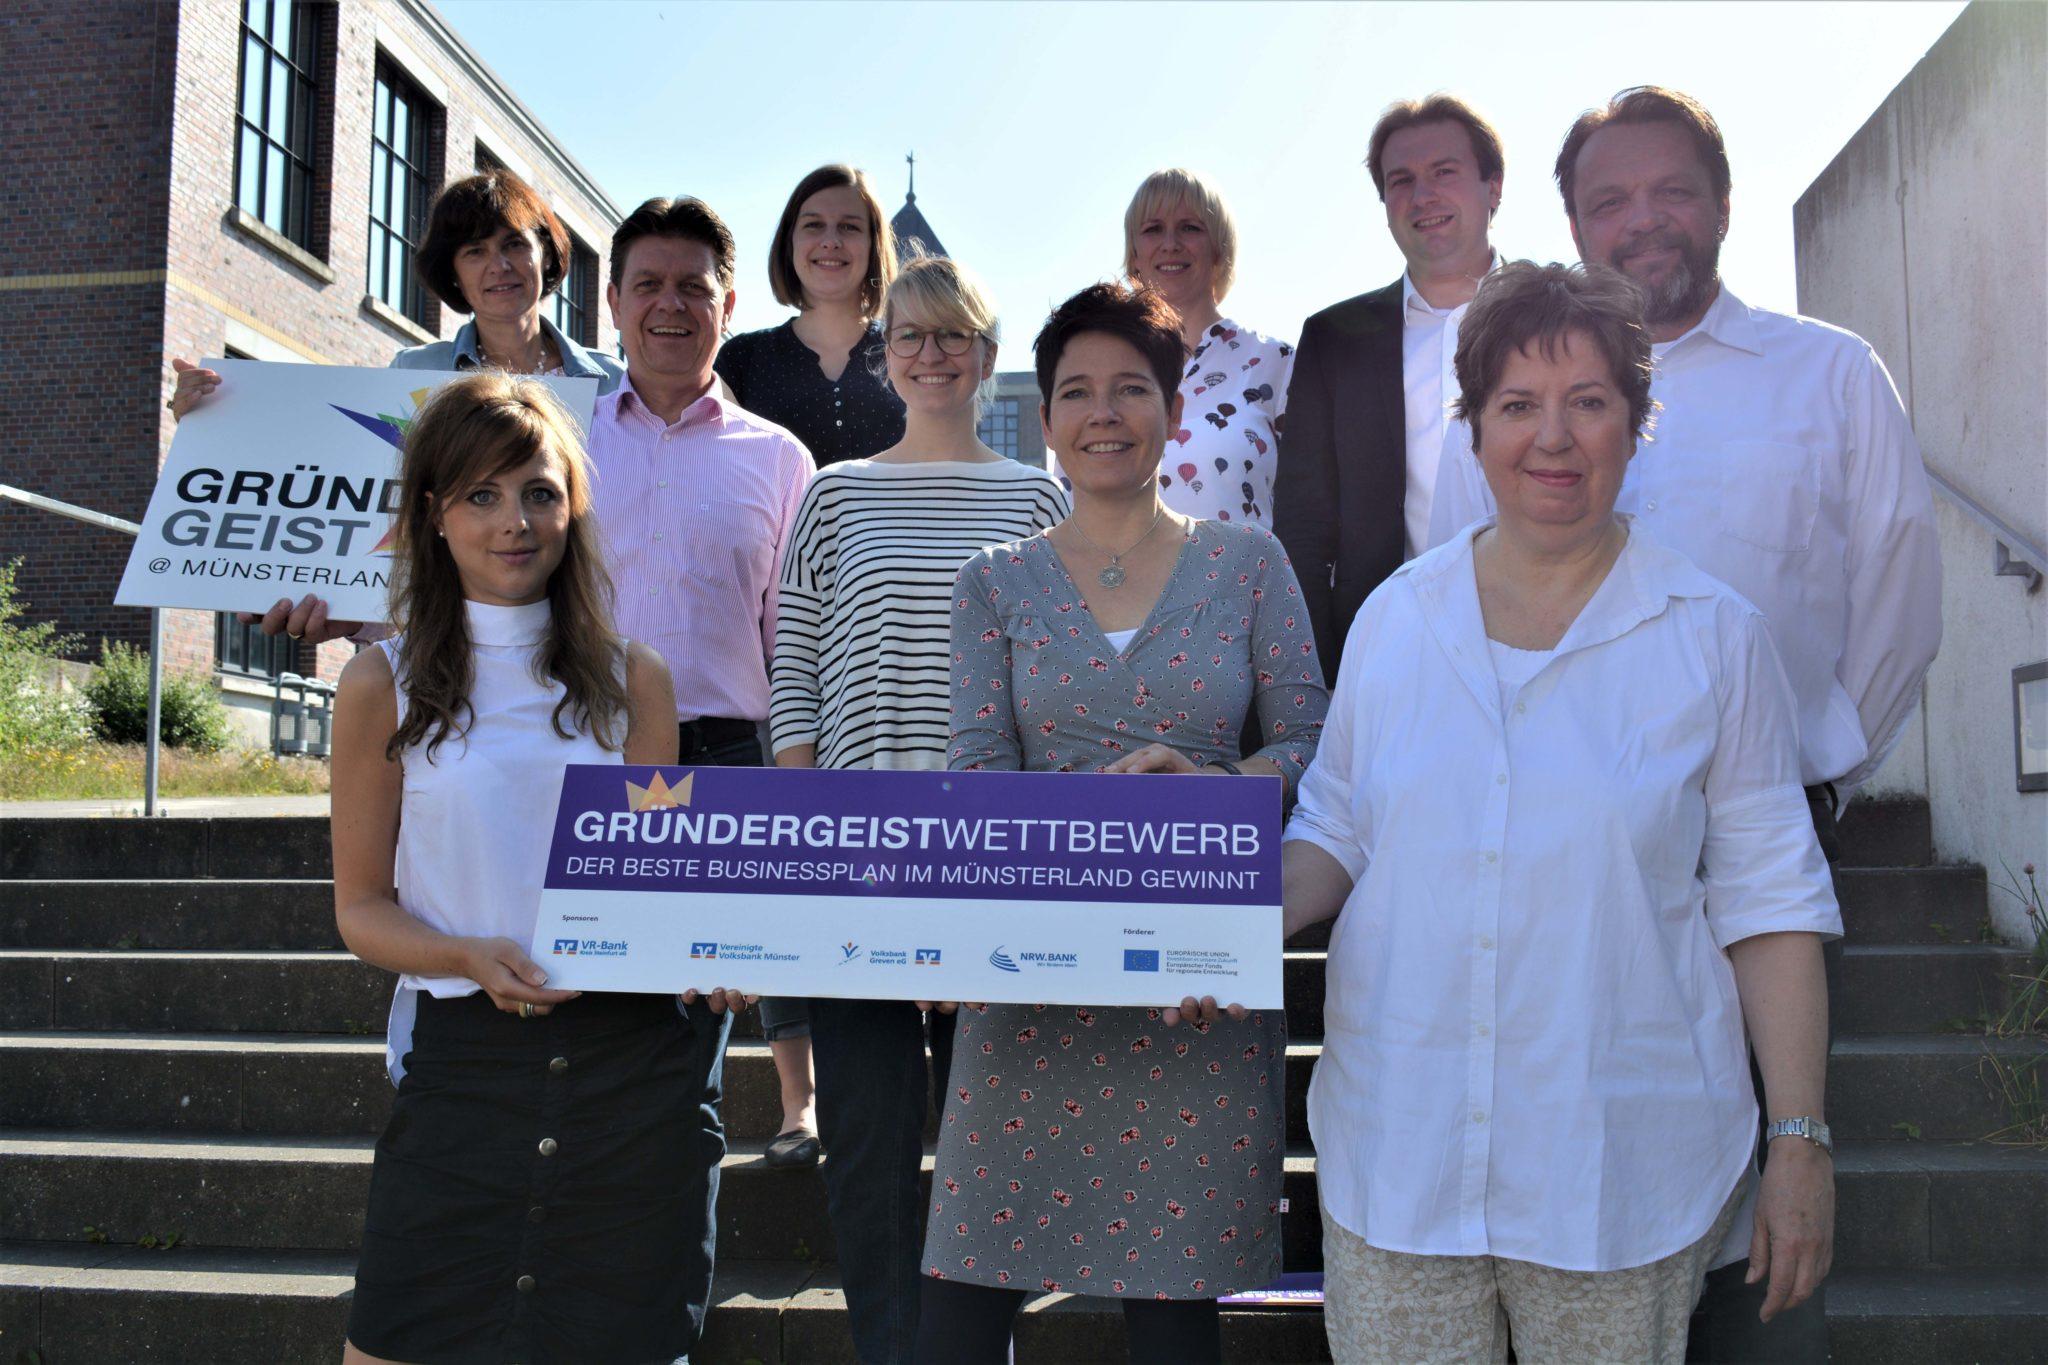 Gründergeist Wettbewerb sucht erstmals den besten Businessplan im Münsterland